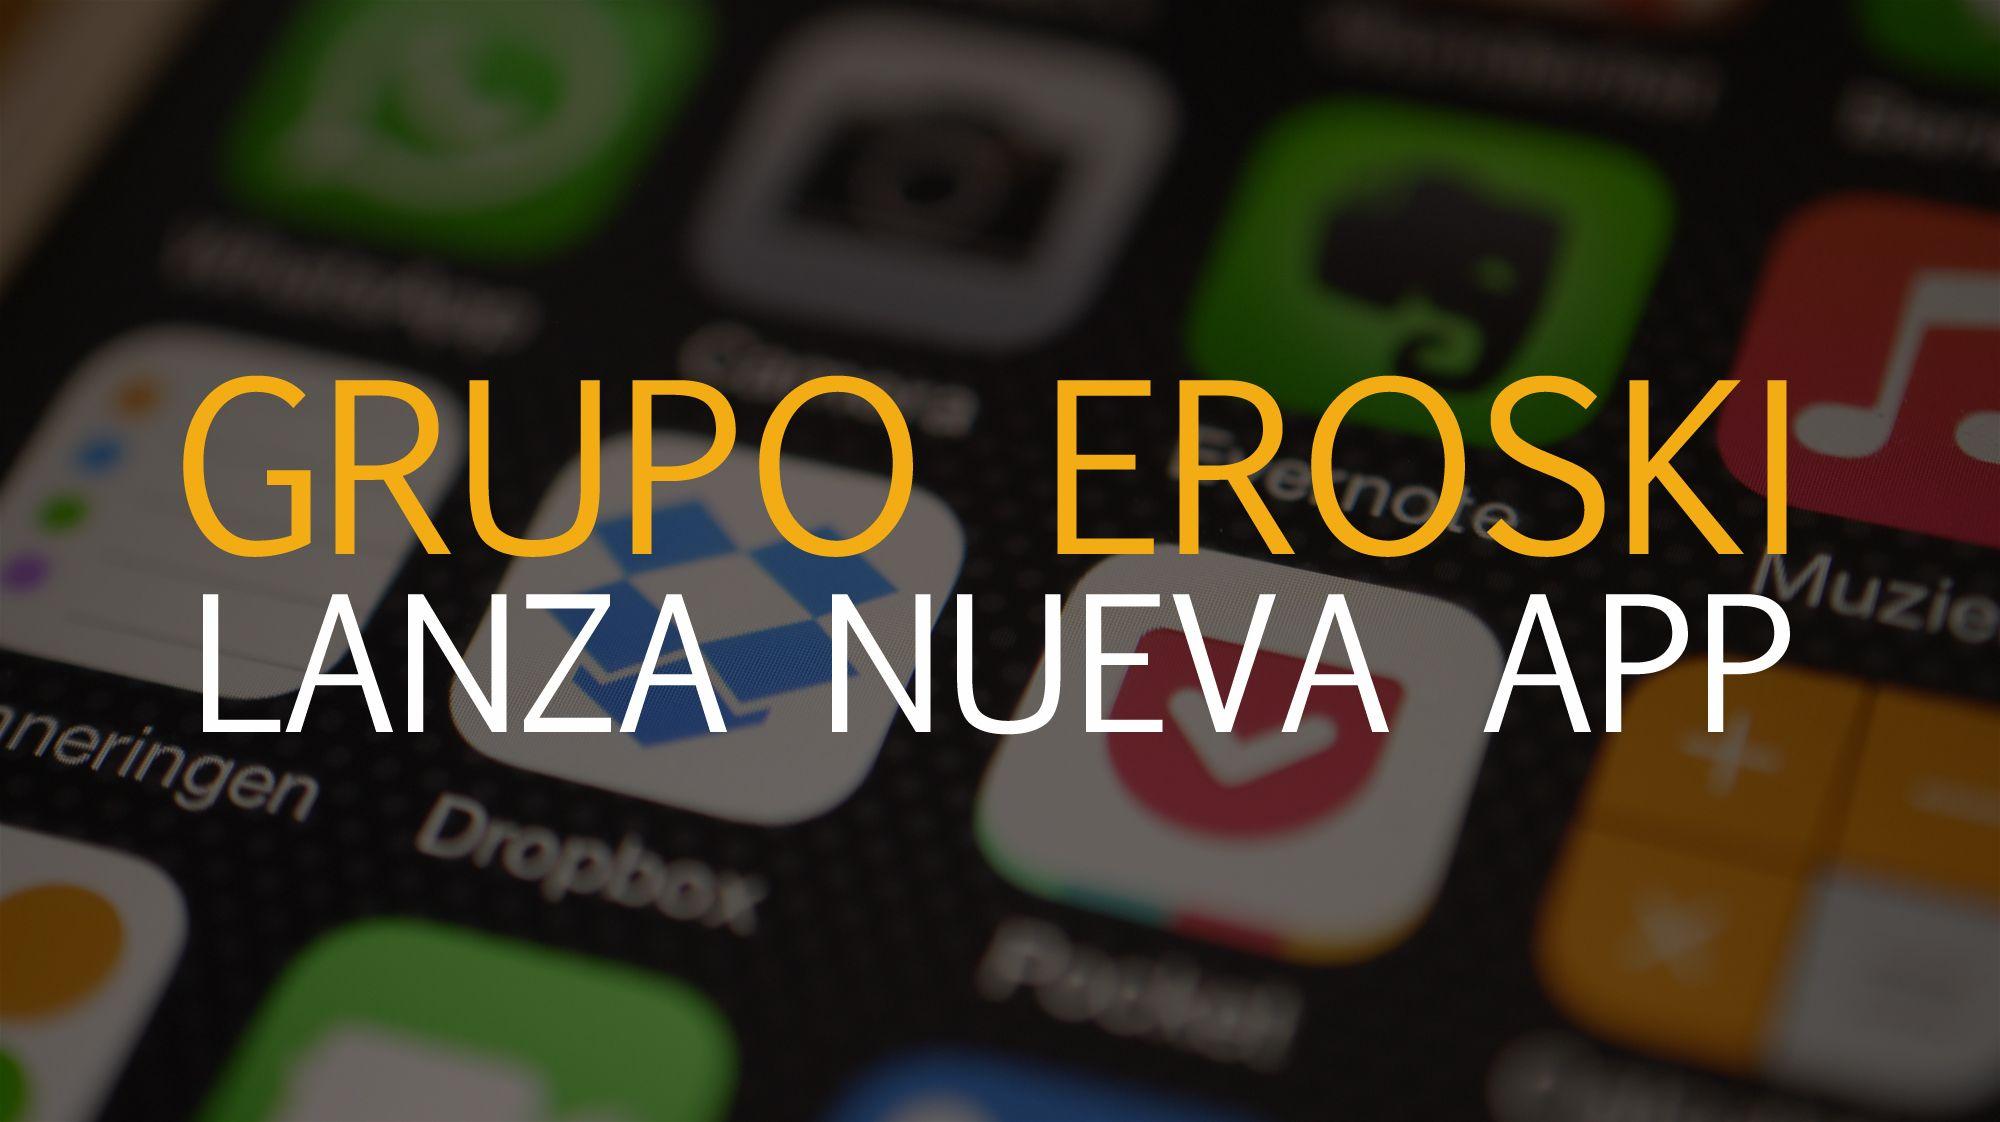 Nueva App Grupo Eroski para compras online